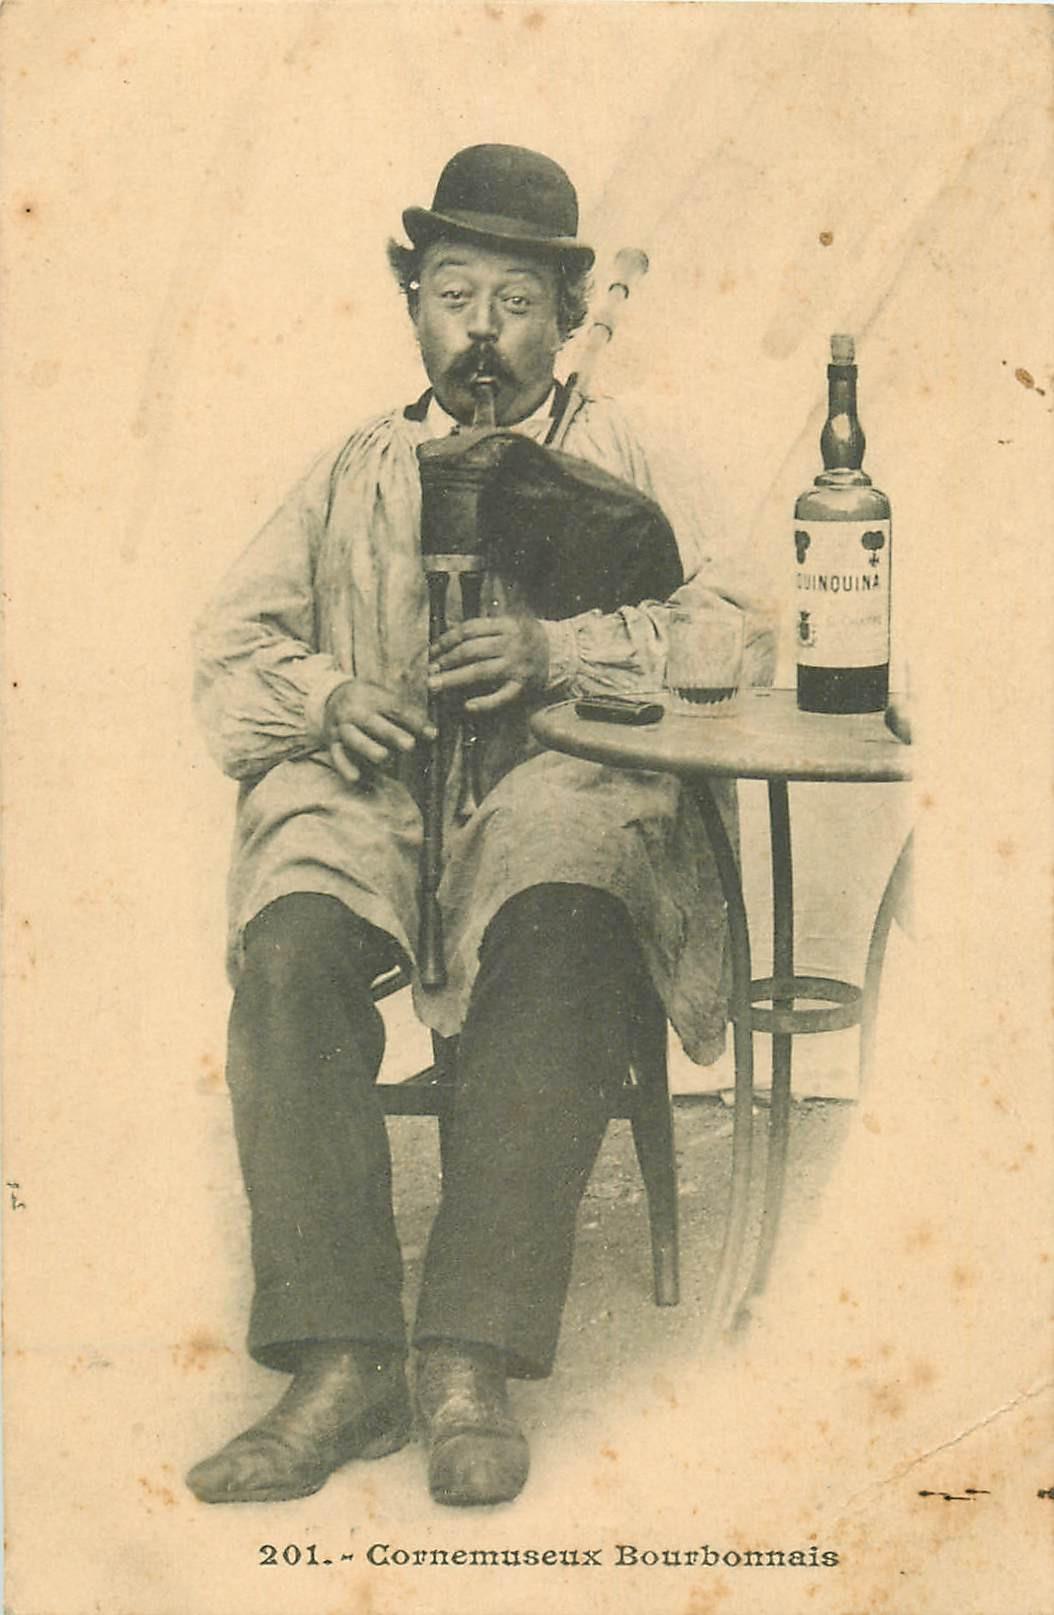 WW EN AUVERGNE. Cornemuseux Bourbonnais avec son Quinquina